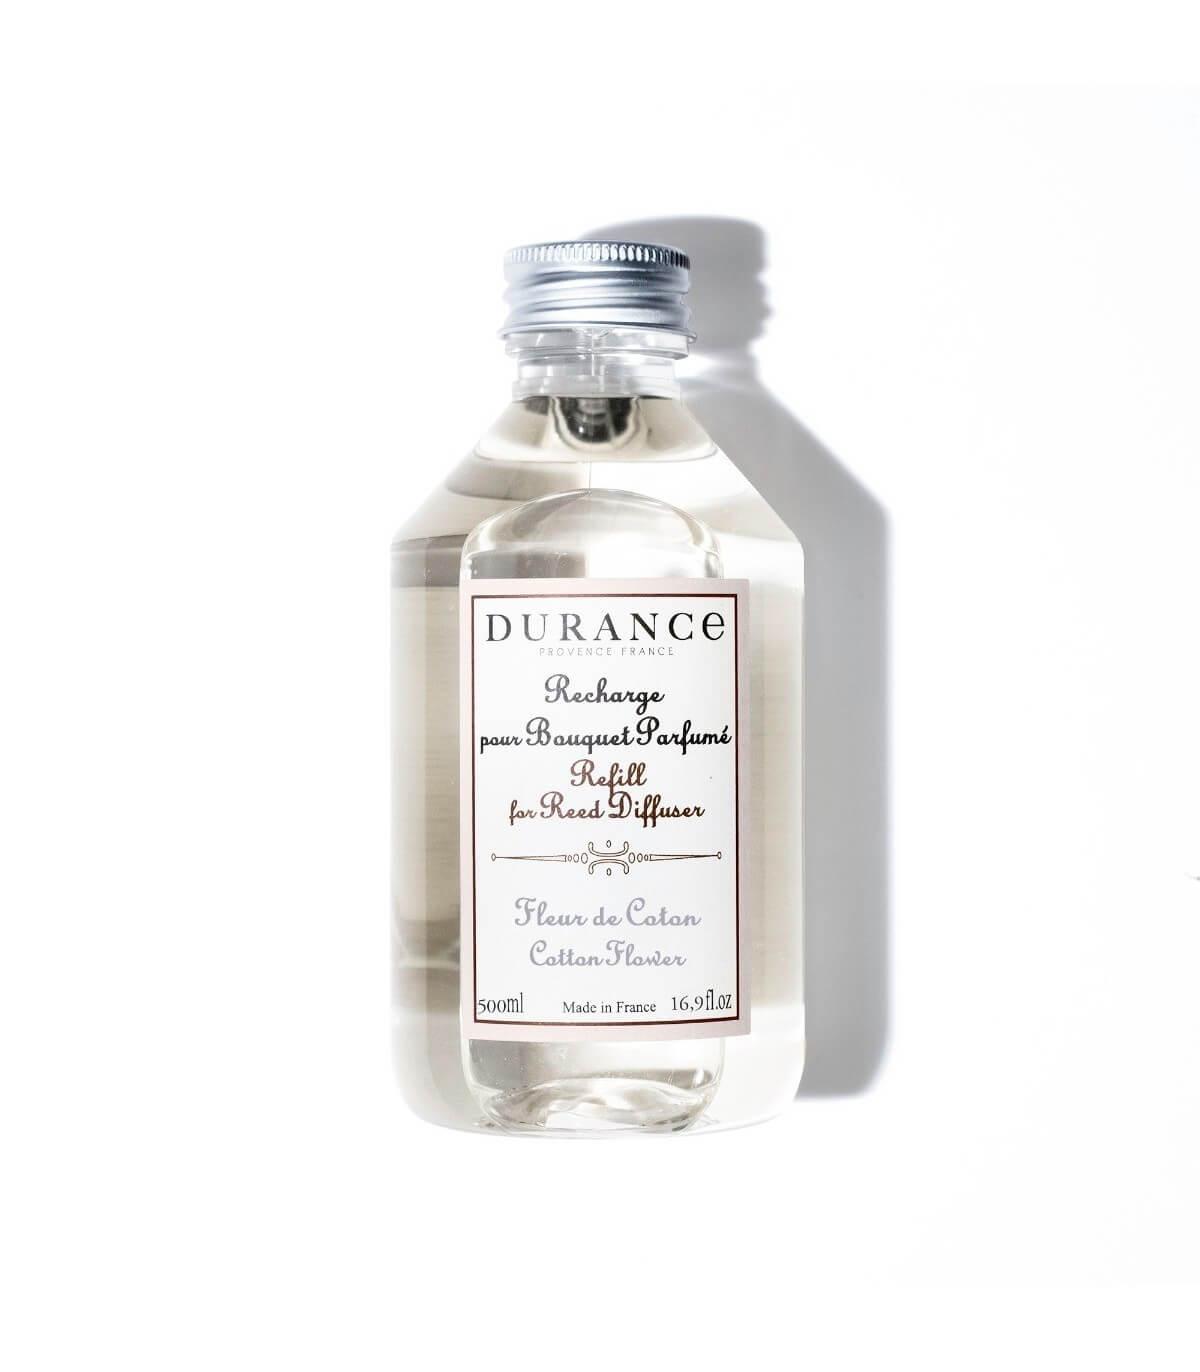 Recharge bouquet parfumé fleur de coton 500ml